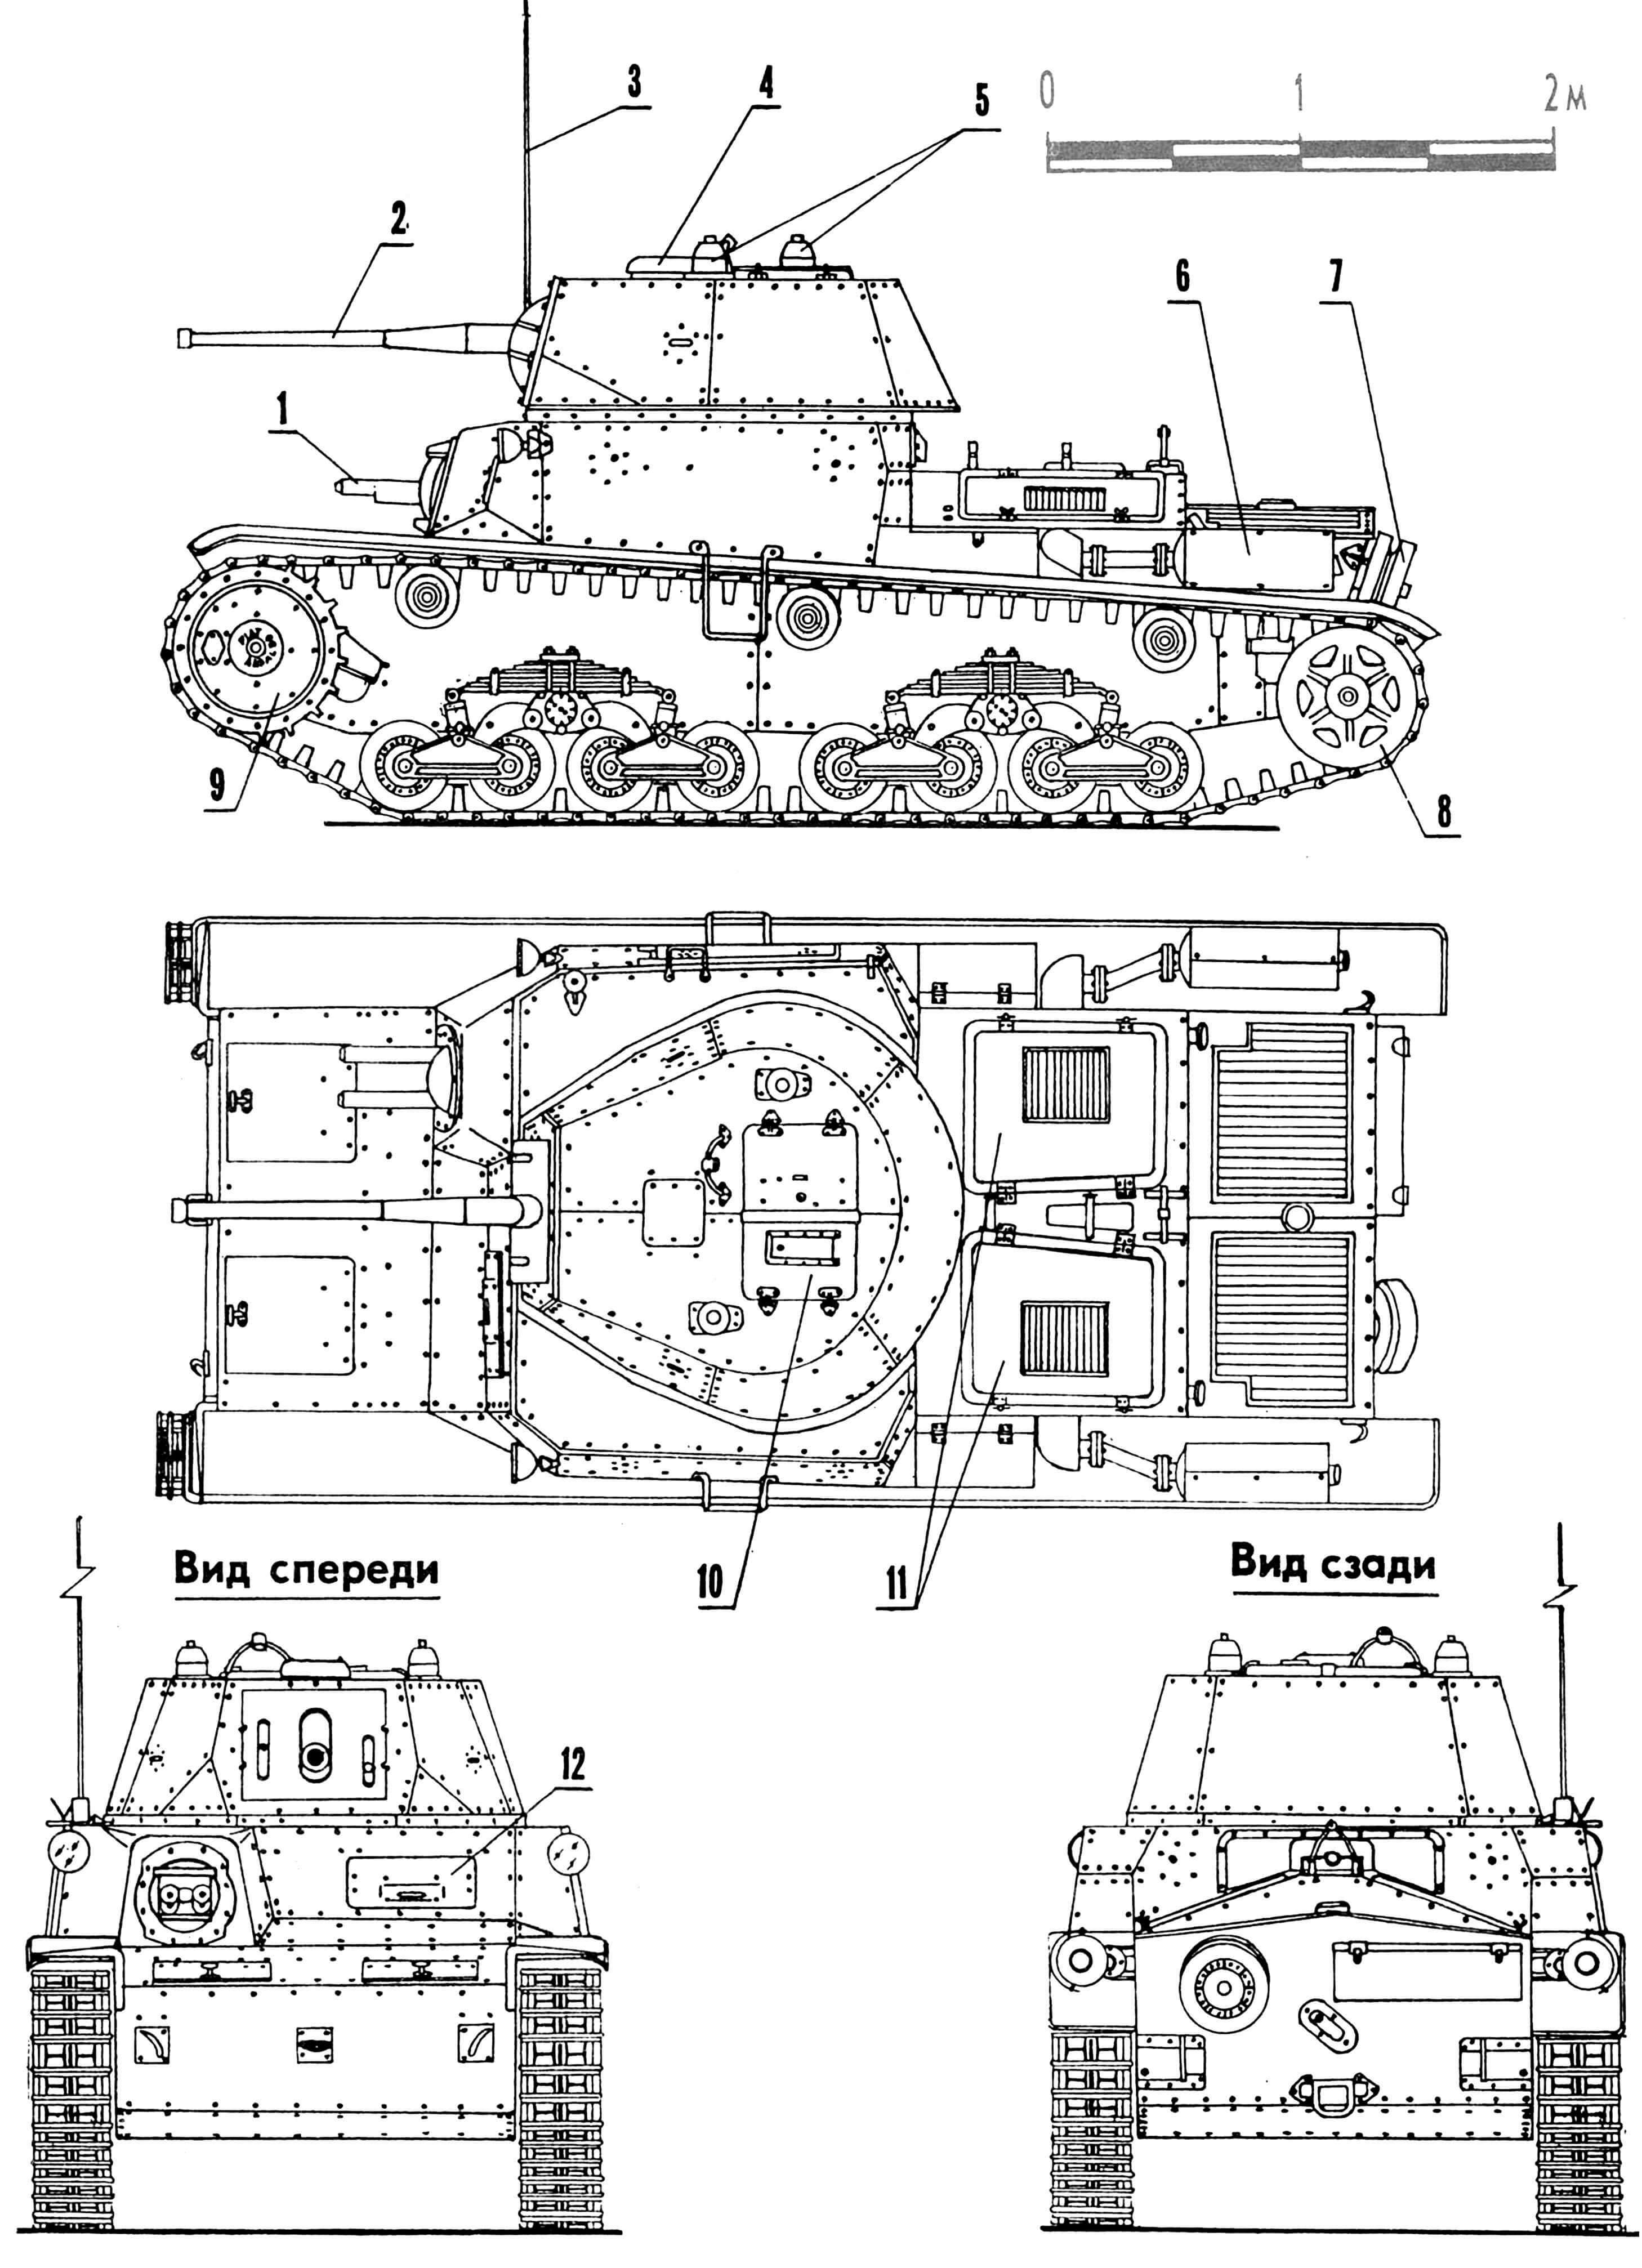 Средний танк Carro Armato Ml5/42: 1 — установка пулеметная спаренная, 2 — пушка 47-мм, 3 — антенна, 4 — колпак вентилятора, 5 — колпаки приборов наблюдения, 6 — глушитель, 7 — каток опорный запасной,8 — колесо направляющее, 9 — колесо ведущее, 10 — люк посадочный, 11 — крышки люков доступа к двигателю, 12 — лючок механика-водителя смотровой.